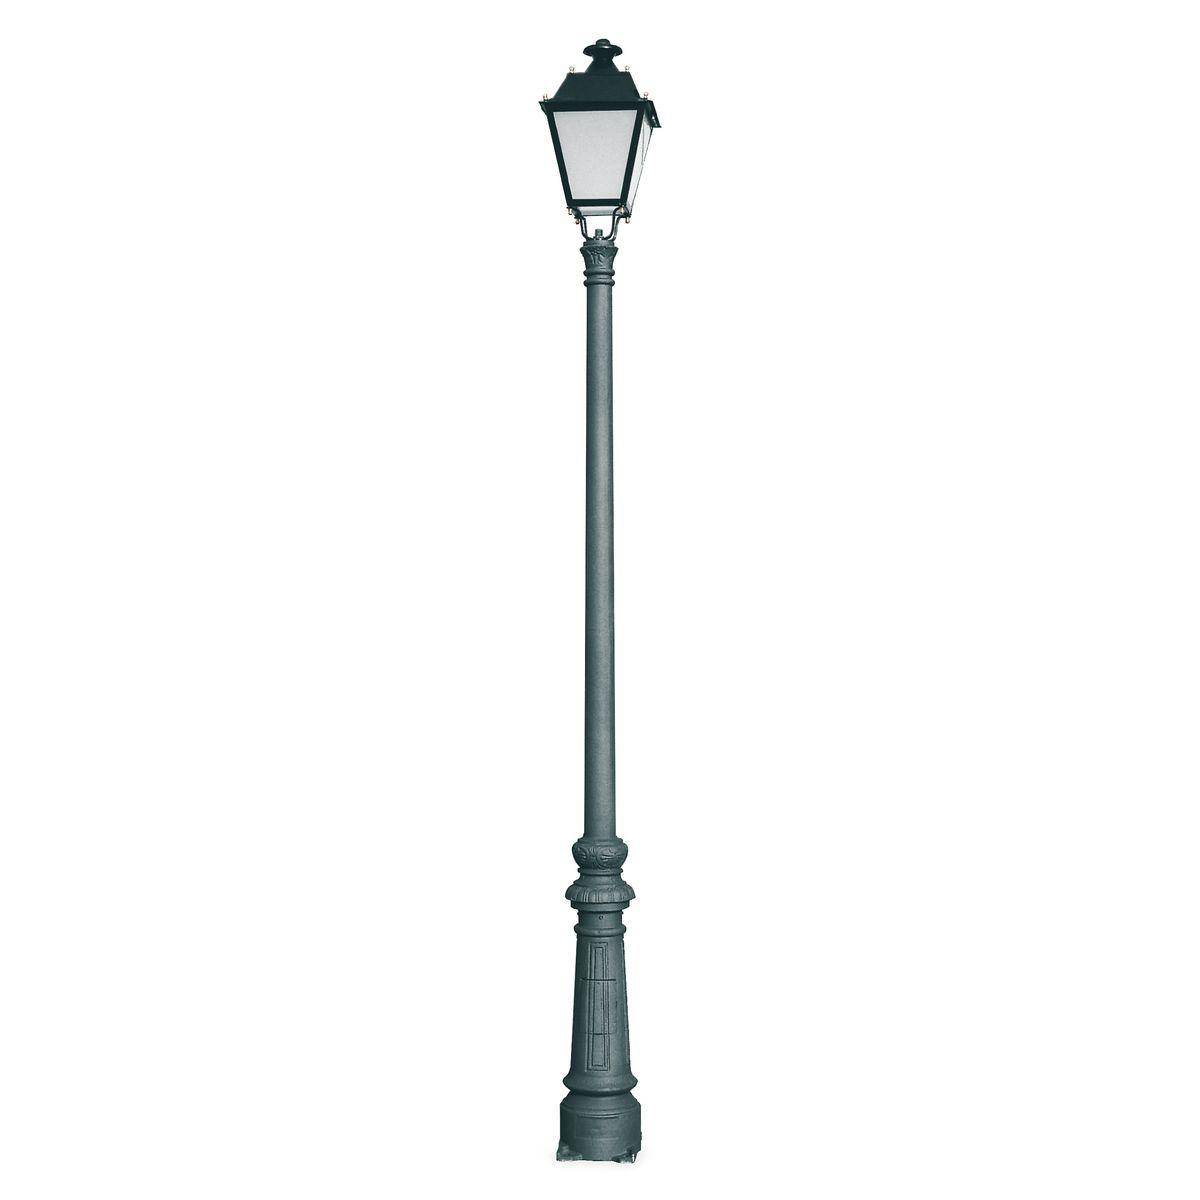 lampadaire d 39 eclairage public tous les fournisseurs lampadaire espace public lampadaire. Black Bedroom Furniture Sets. Home Design Ideas